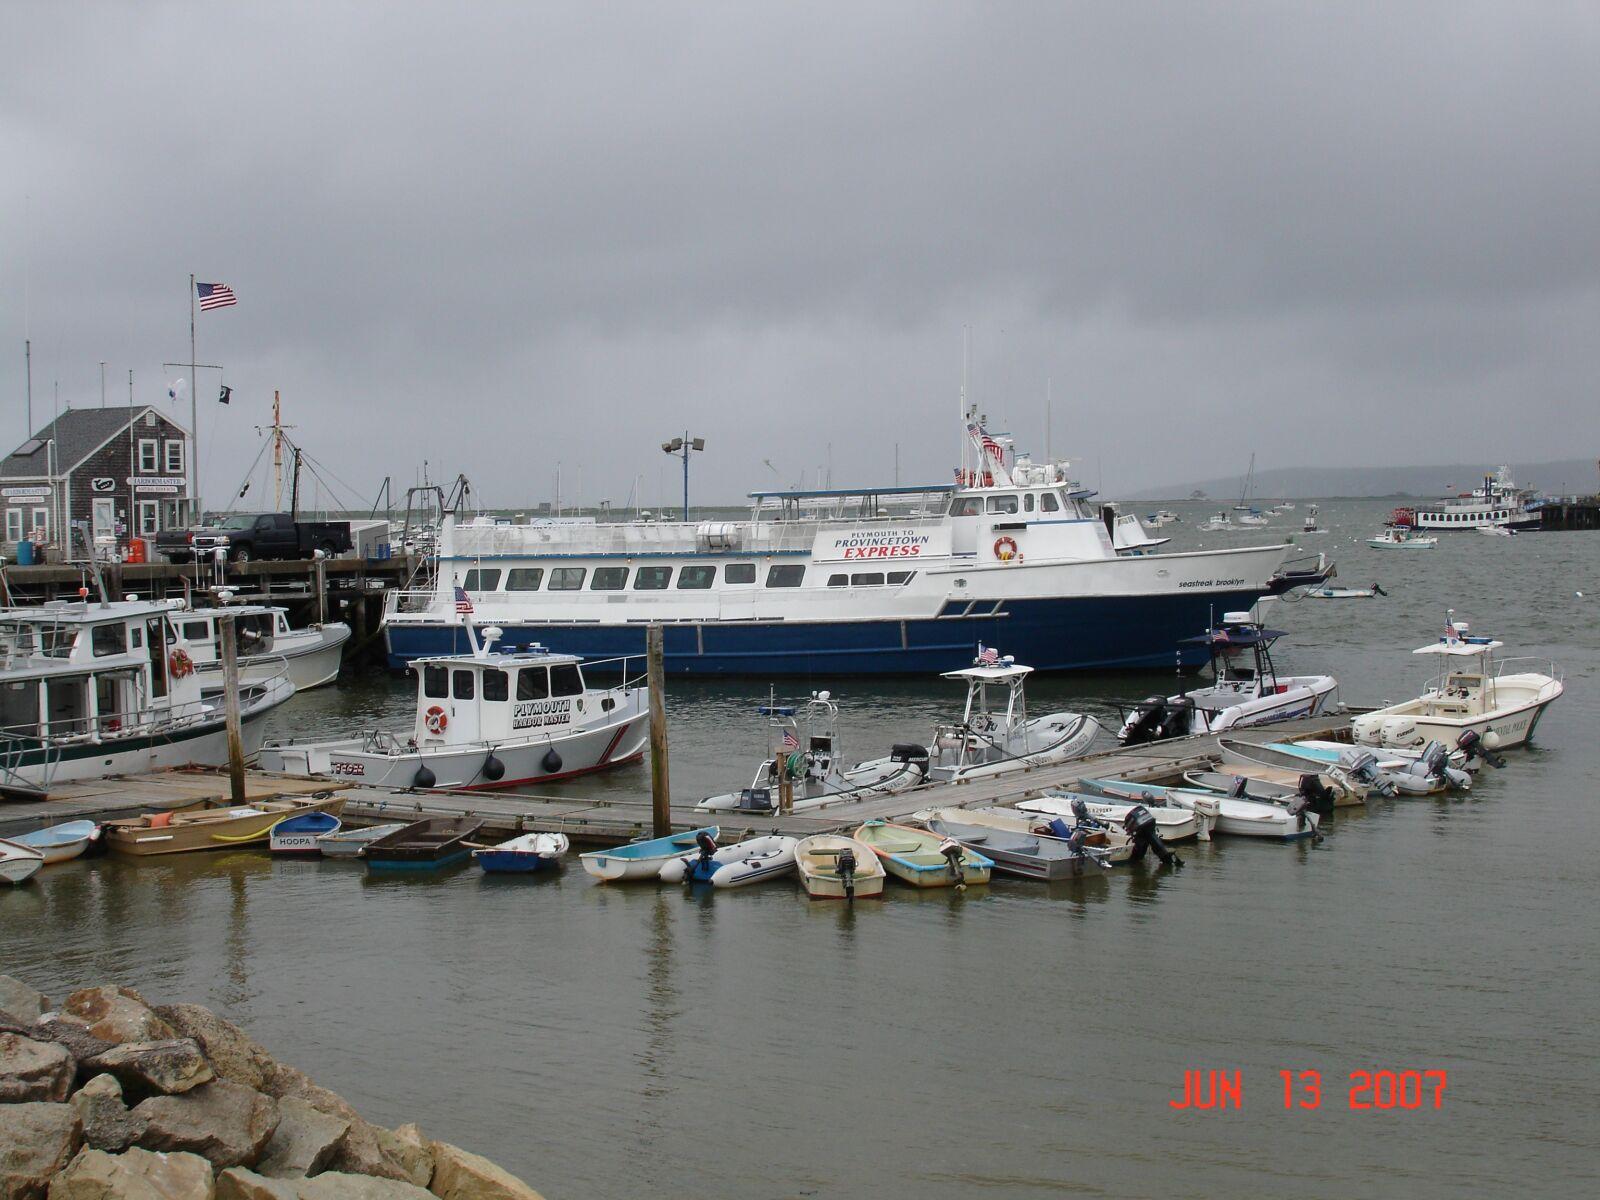 cape code, marina, boats